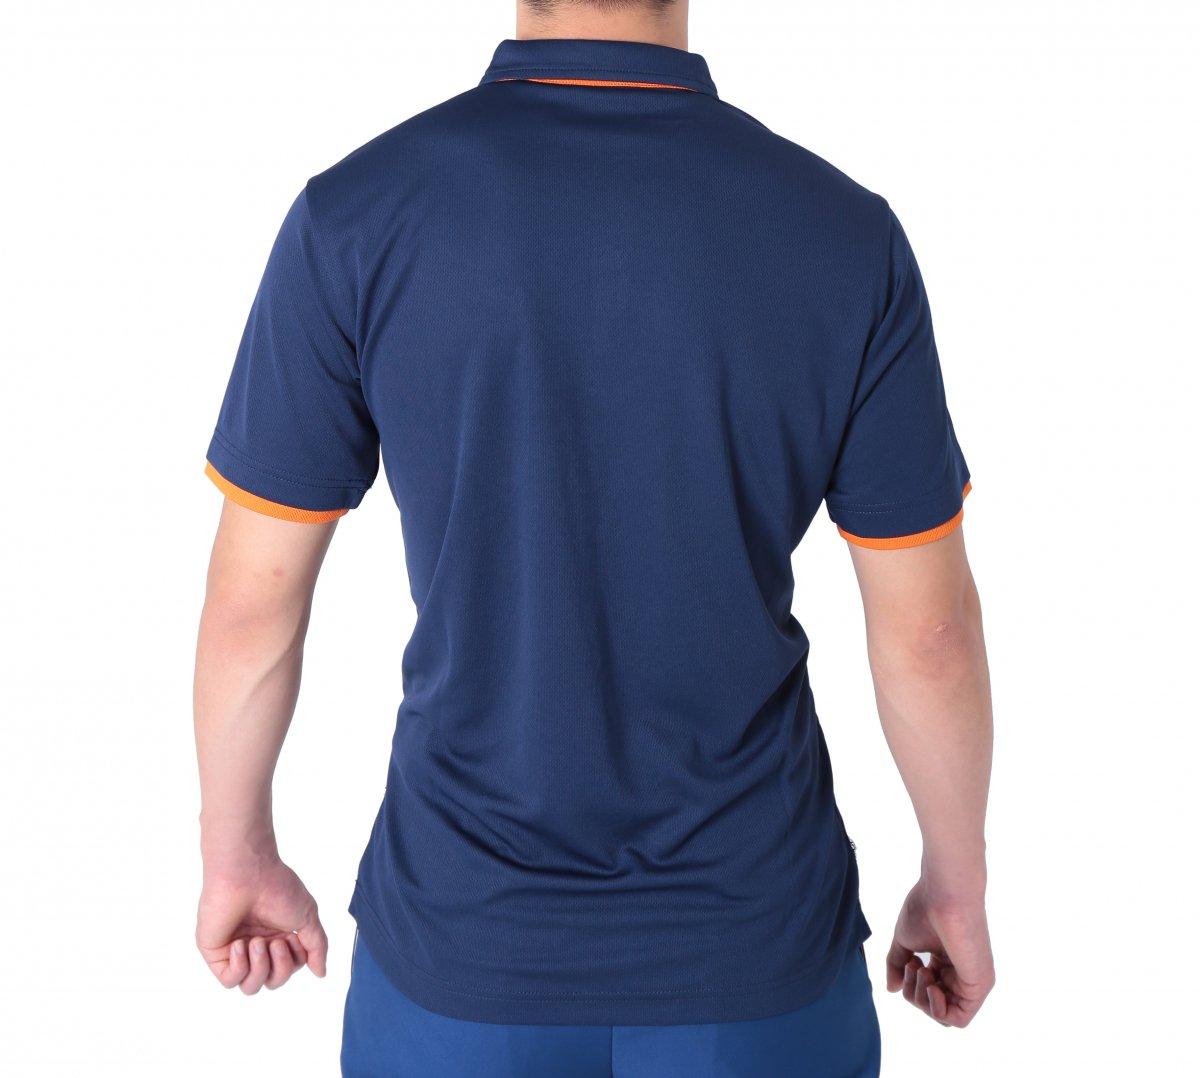 消防ポロシャツ(半袖 消臭機能付き)【画像2】